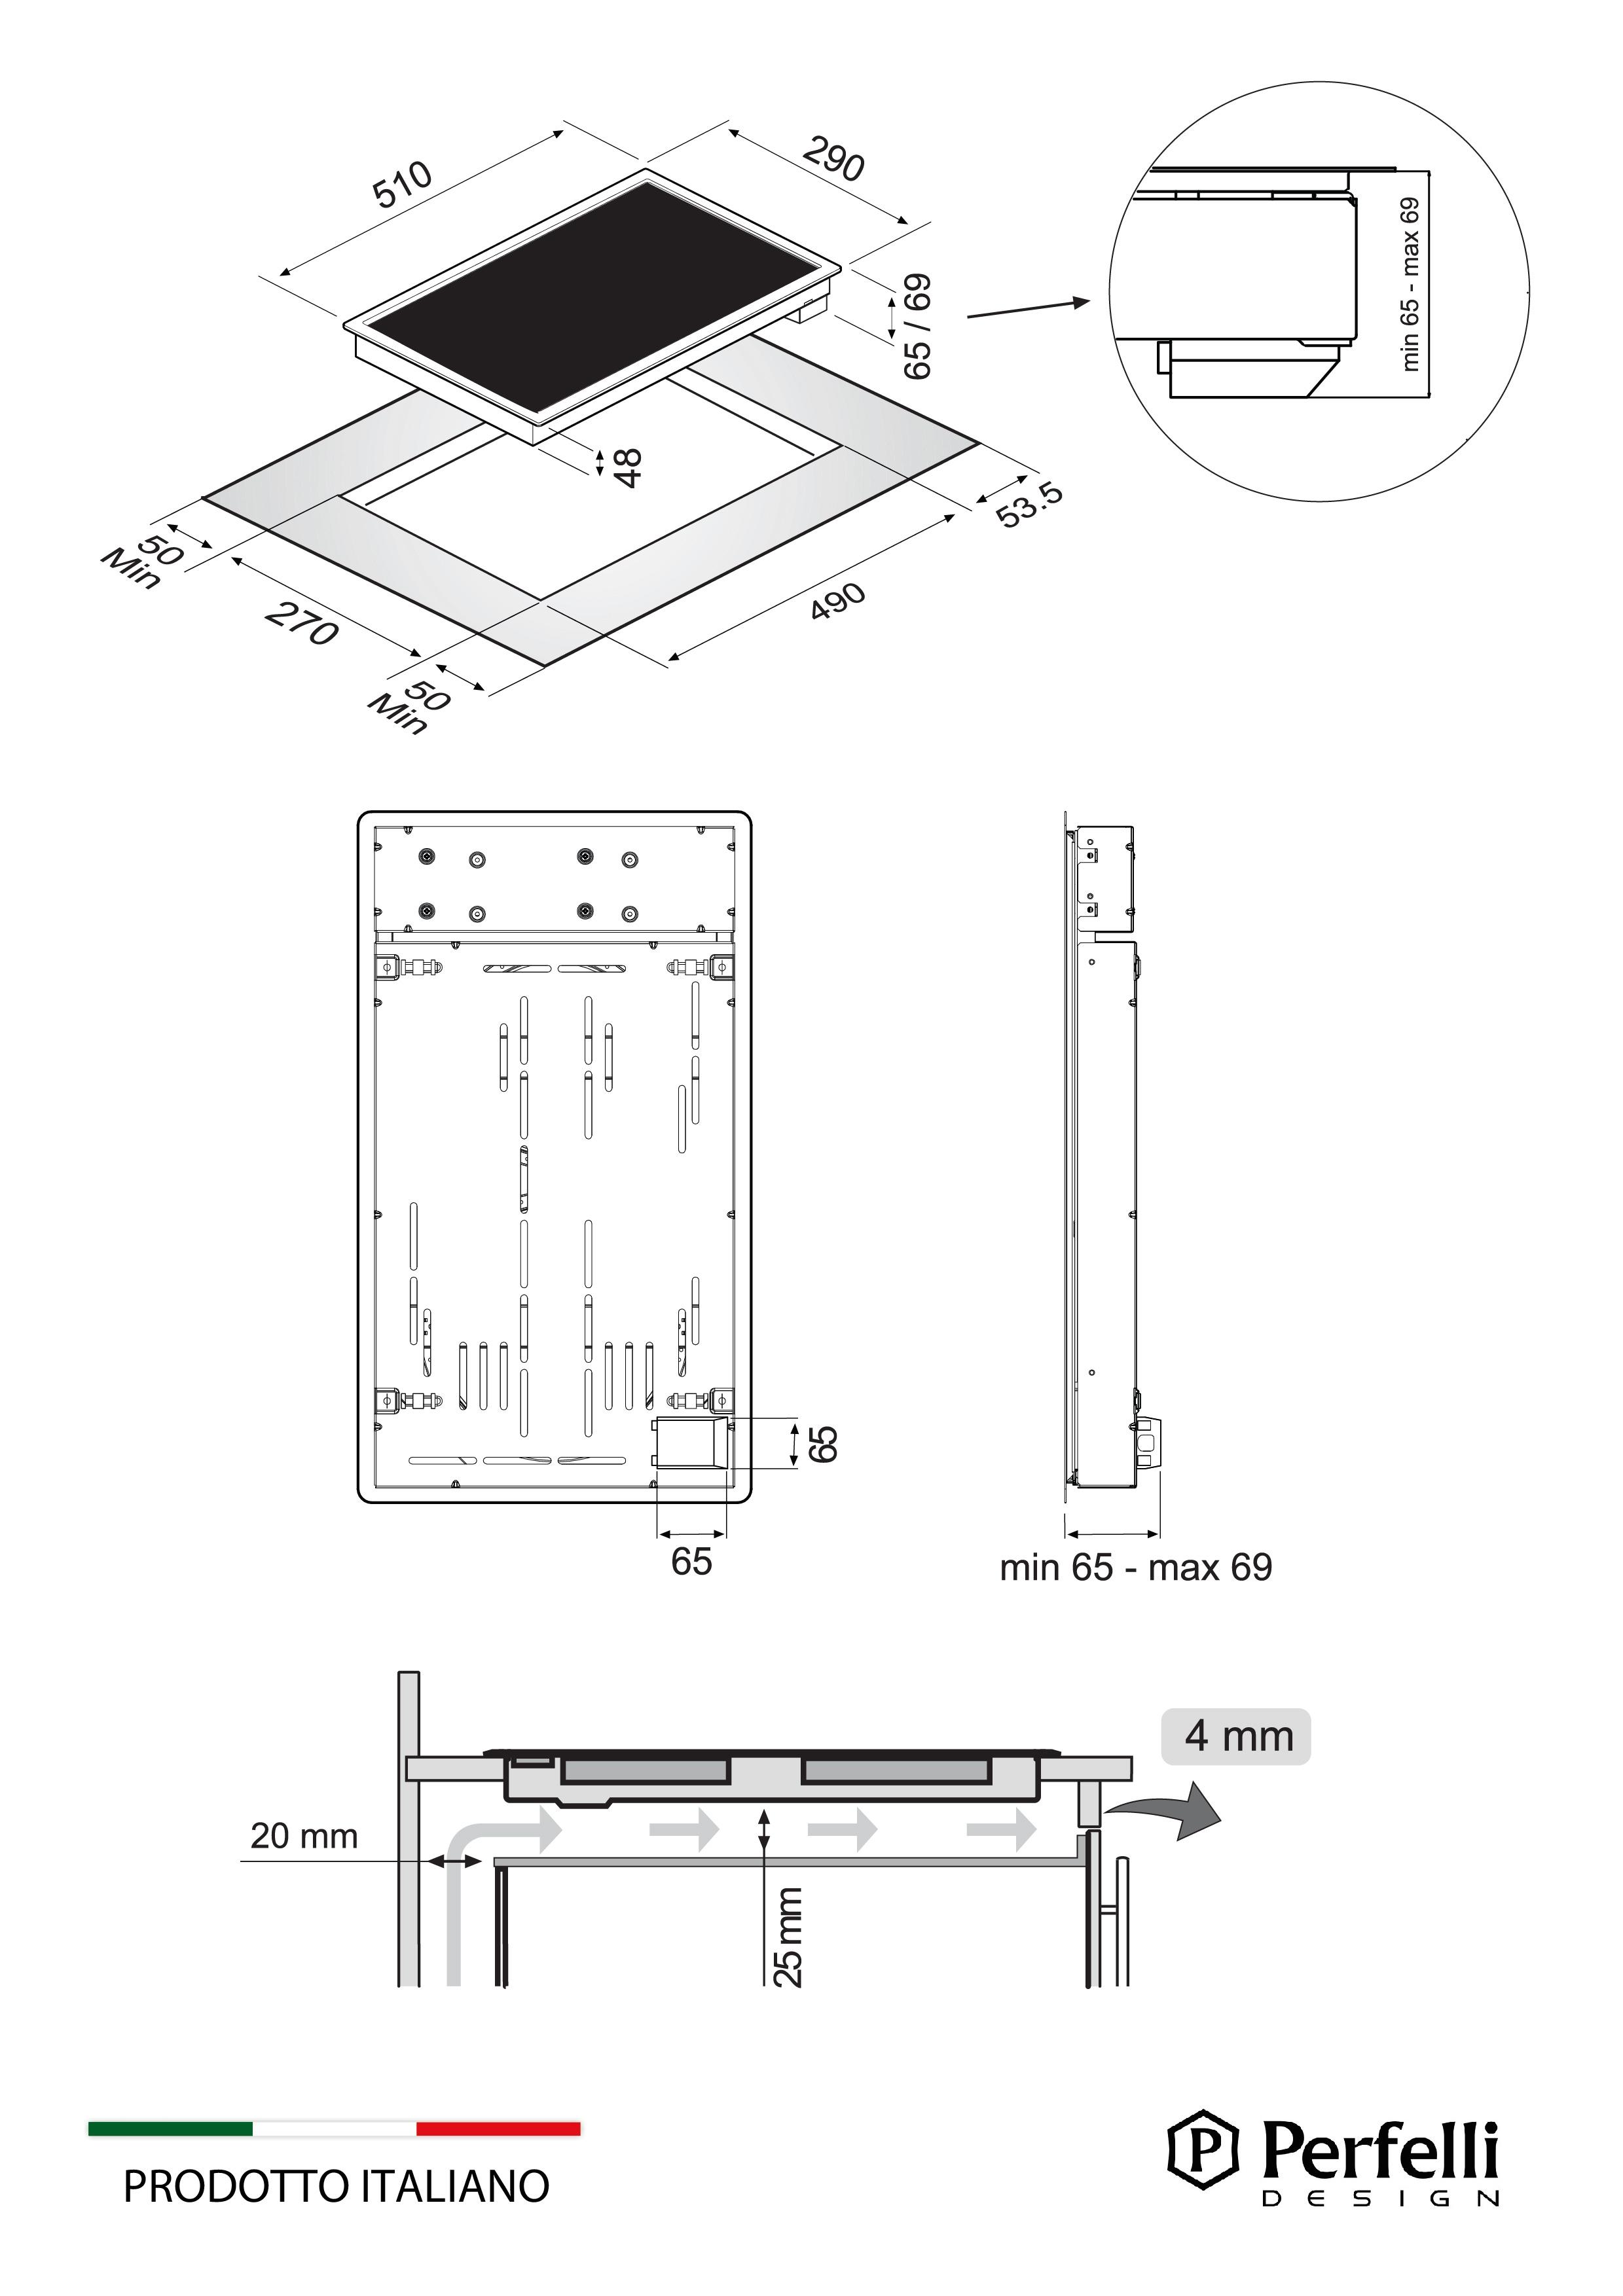 Glass ceramic surface Perfelli design HVC 3210 BL